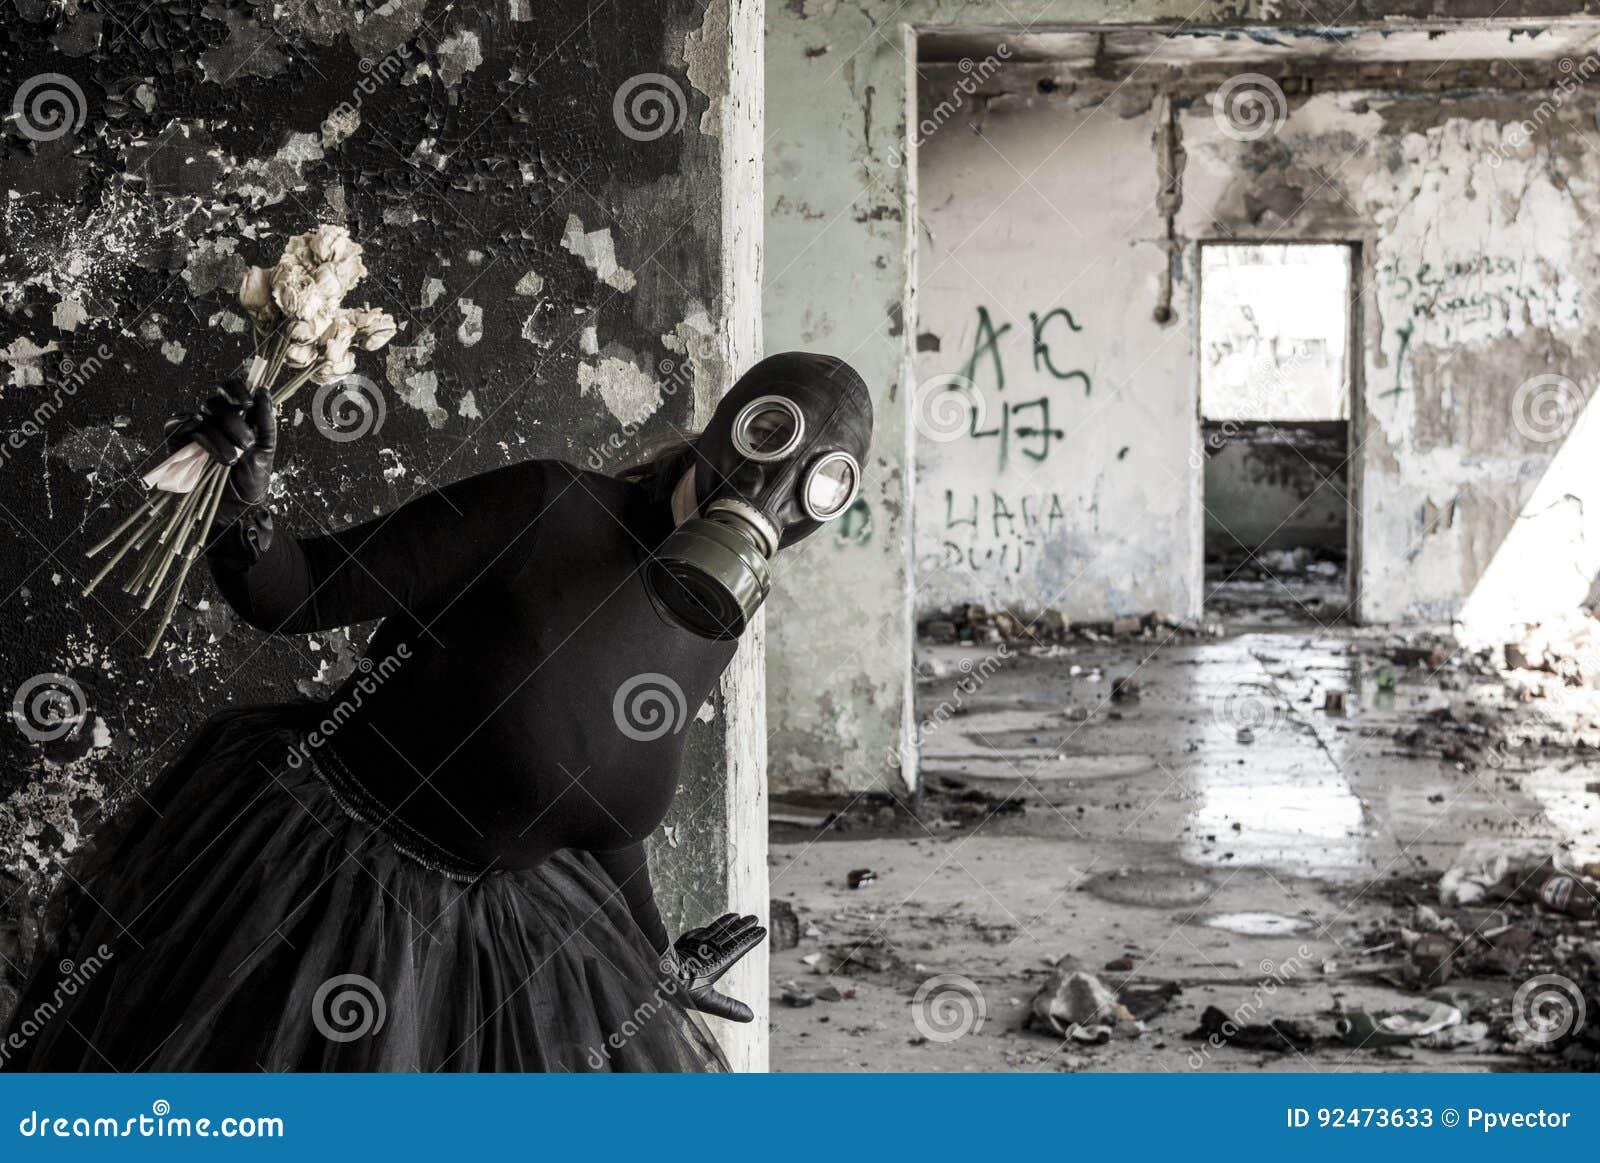 Το κορίτσι σε μια μάσκα αερίου Η απειλή της οικολογίας